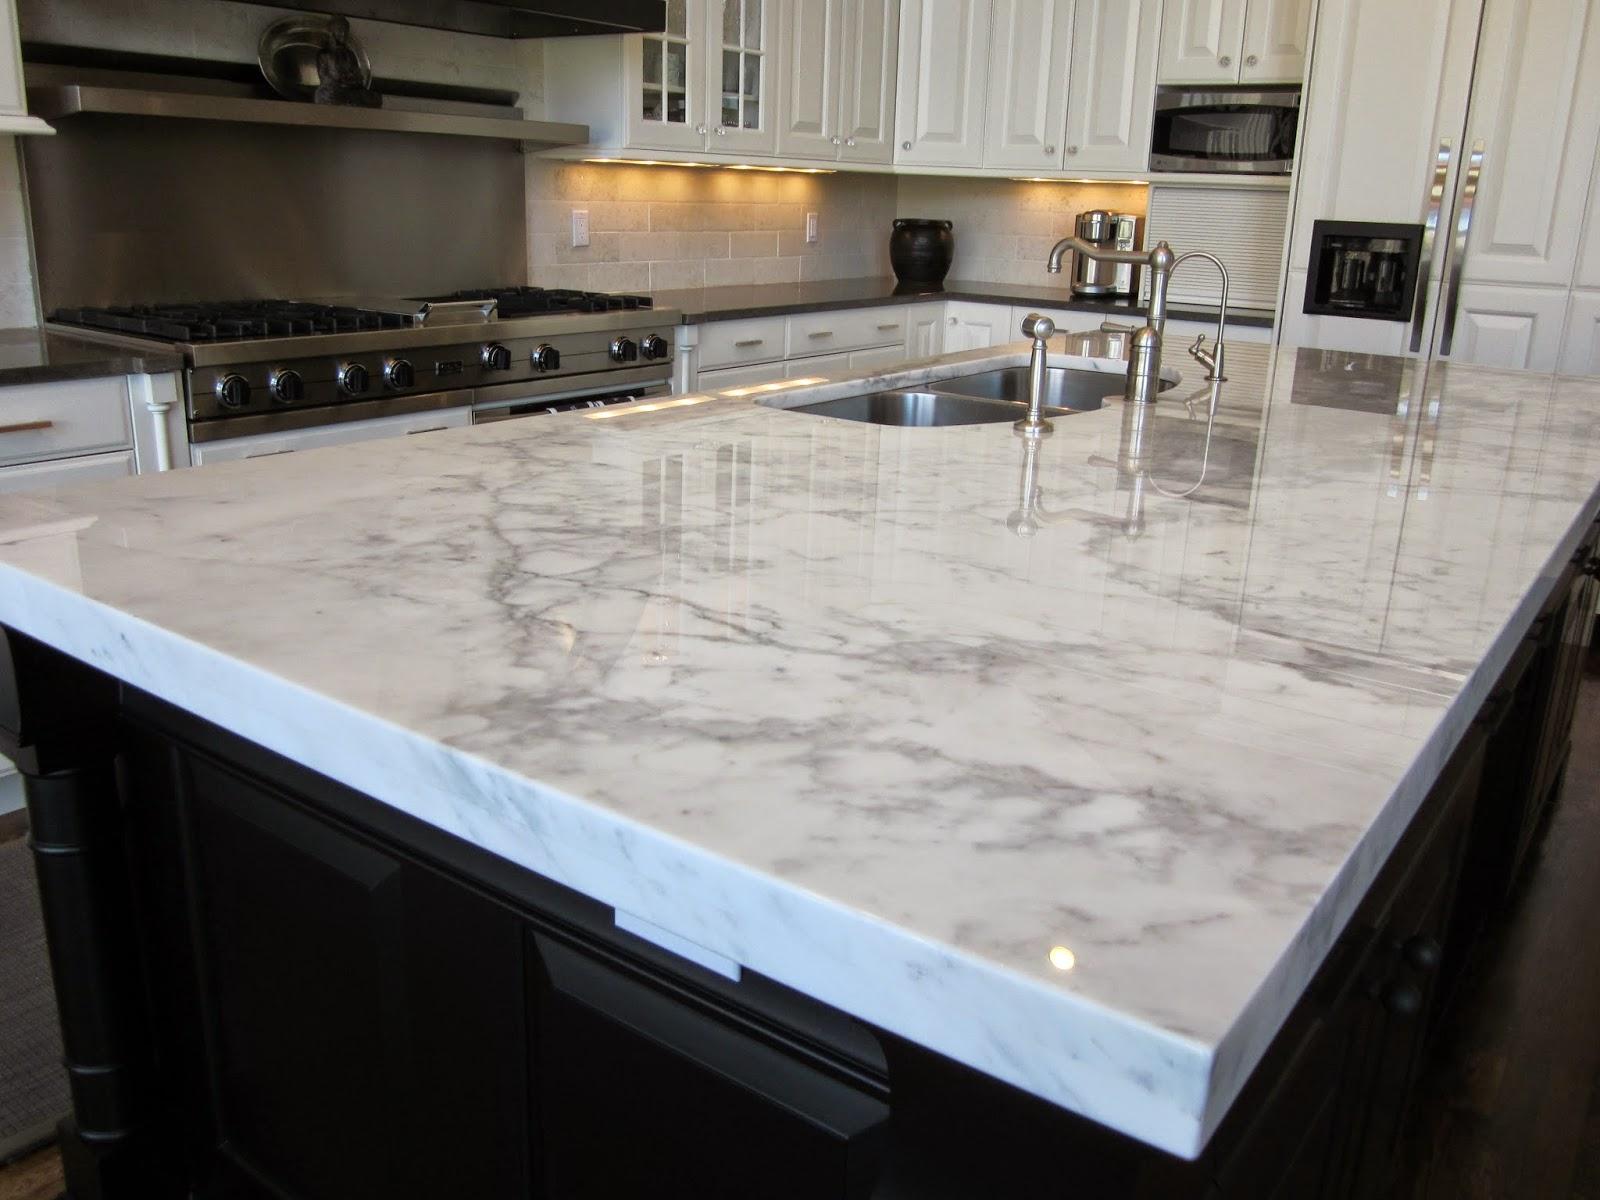 Como limpiarlo como limpiar la cocina for Como limpiar marmol blanco manchado